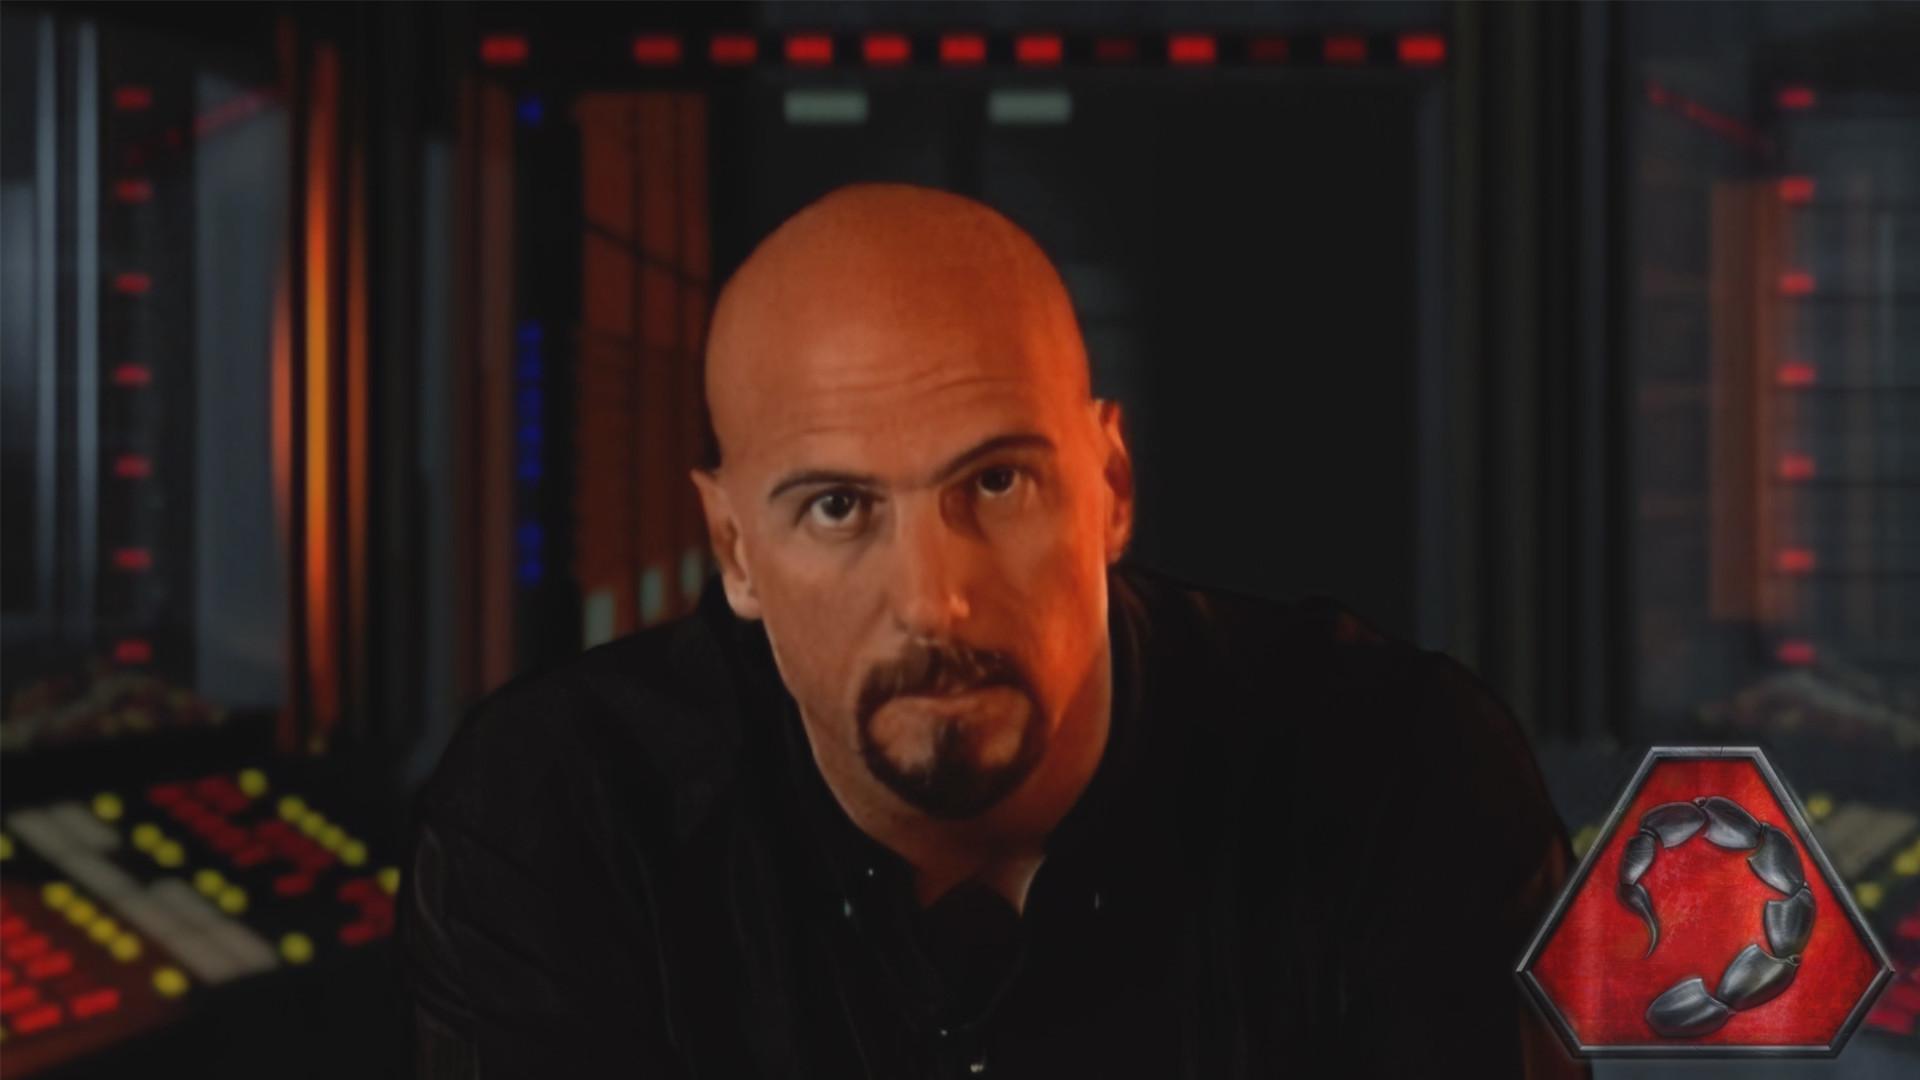 В Command & Conquer Remastered Collection исправили зависания в новом обновлении